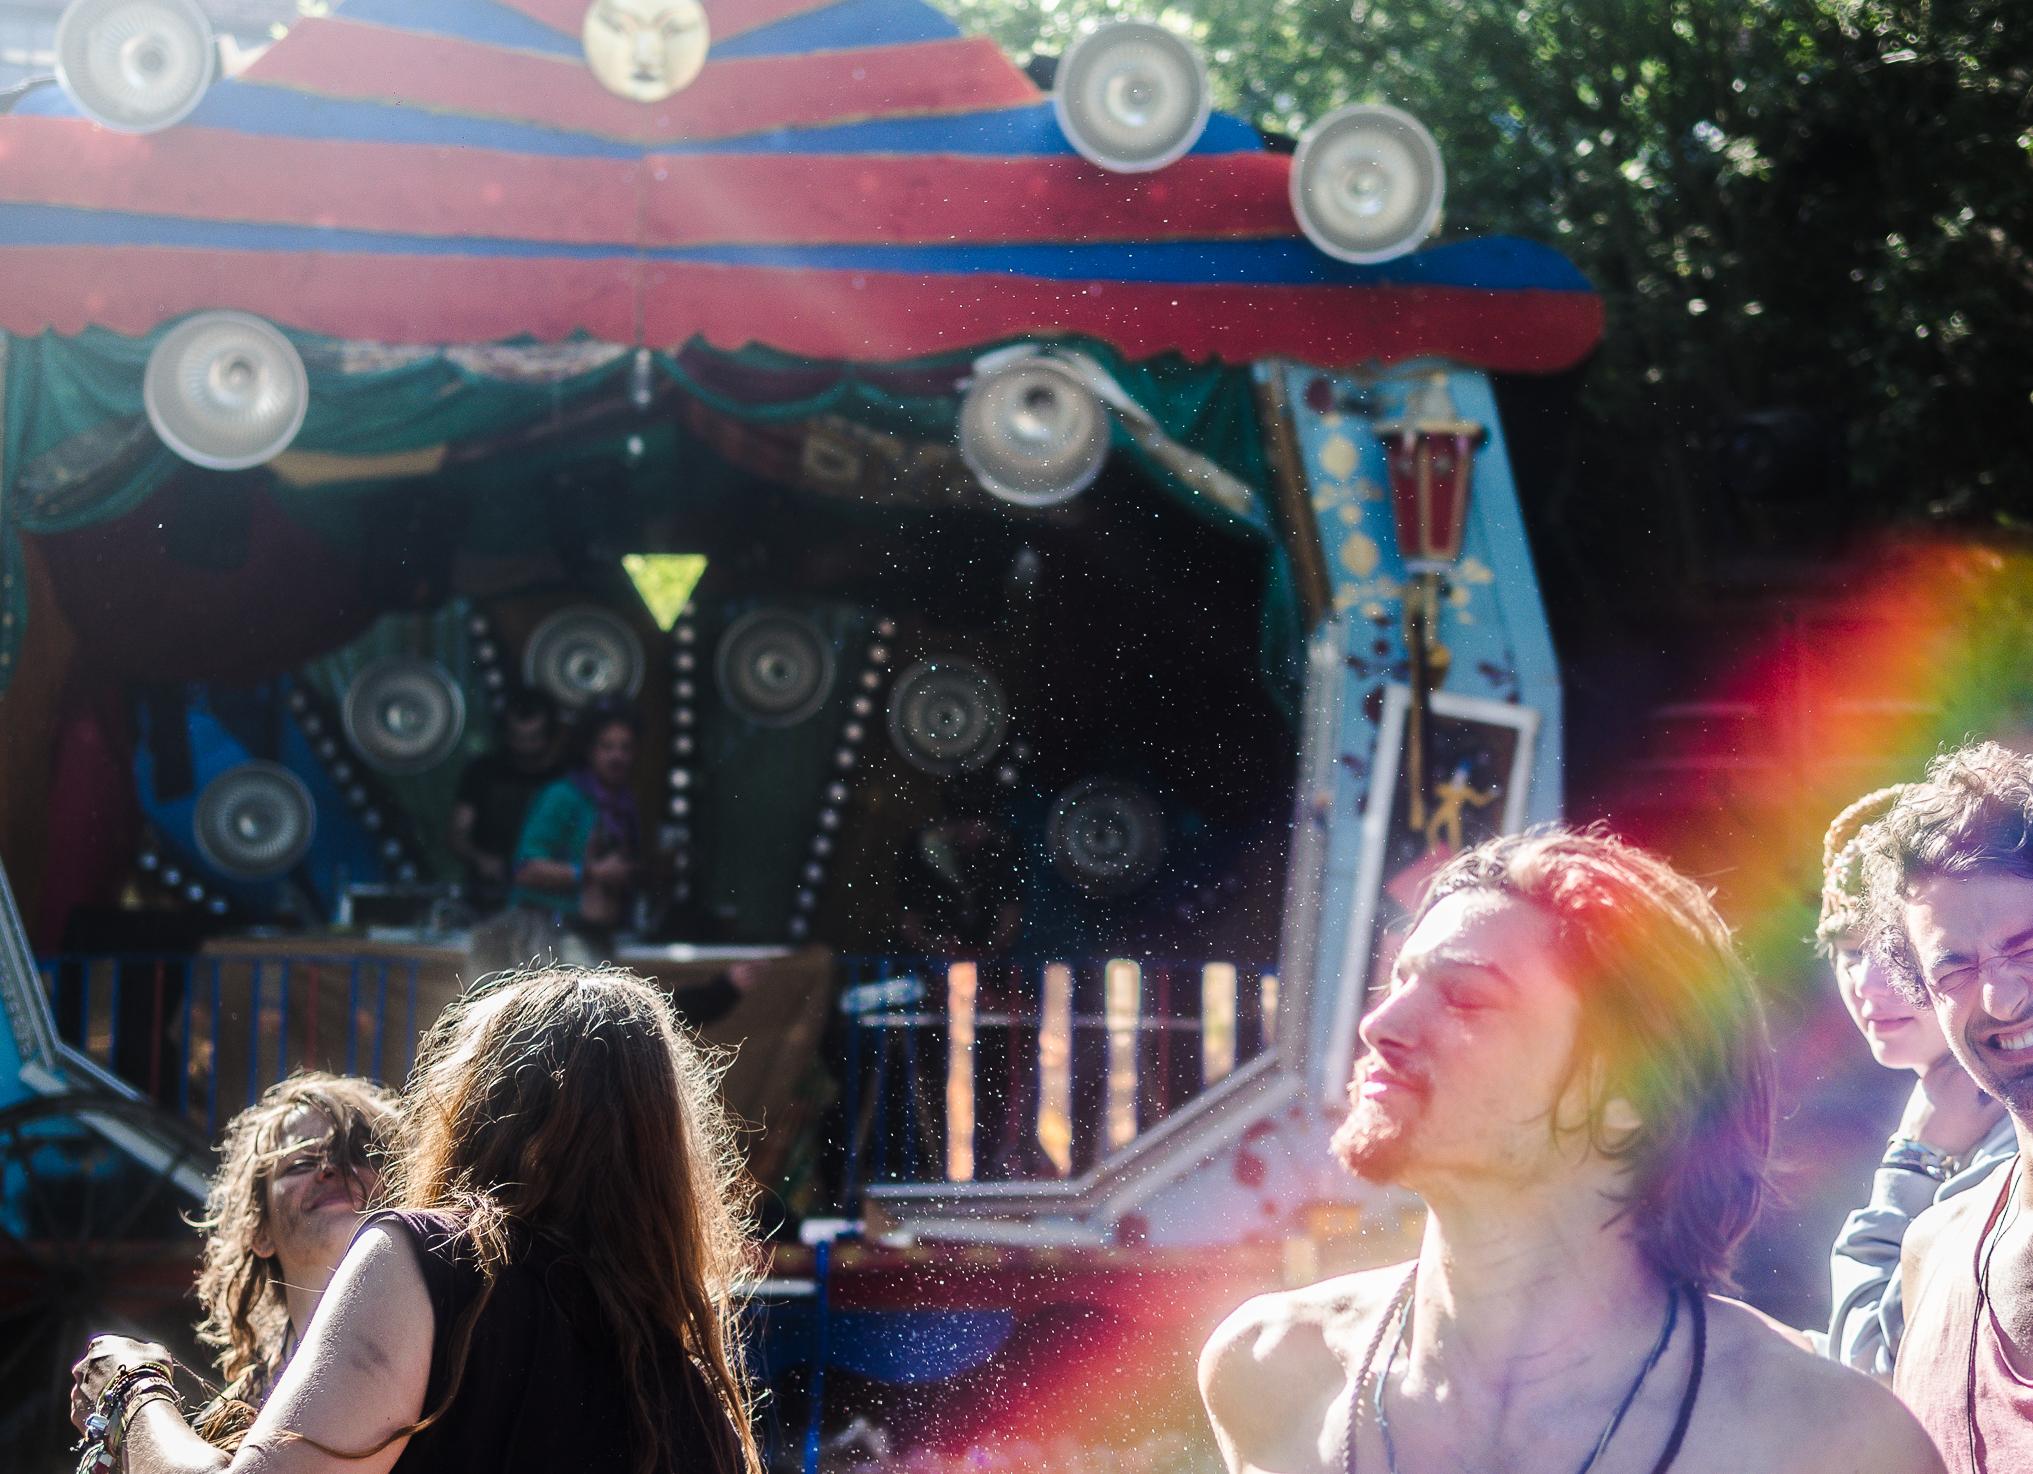 Ein Regenbogen ohne Regen ... am Morgen danach ist die Bühne vom Keller und Ram Schakl noch voller Energie